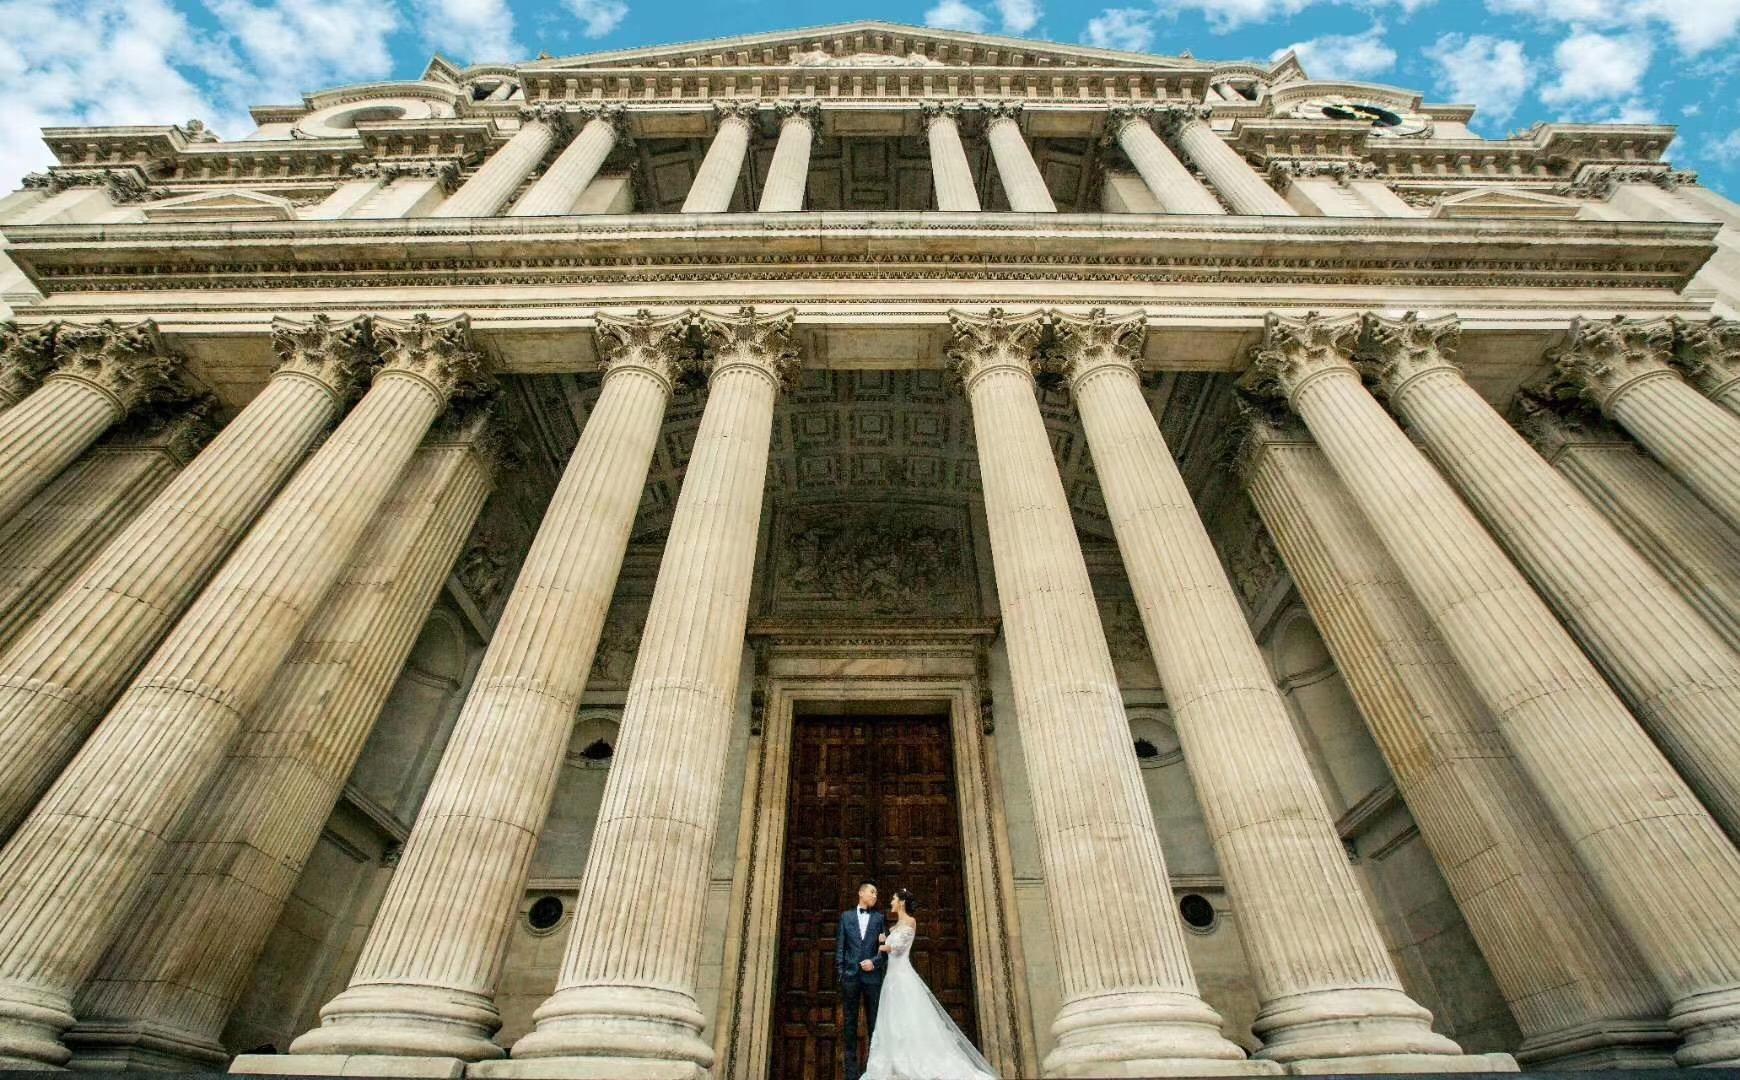 法国巴黎婚纱照旅拍